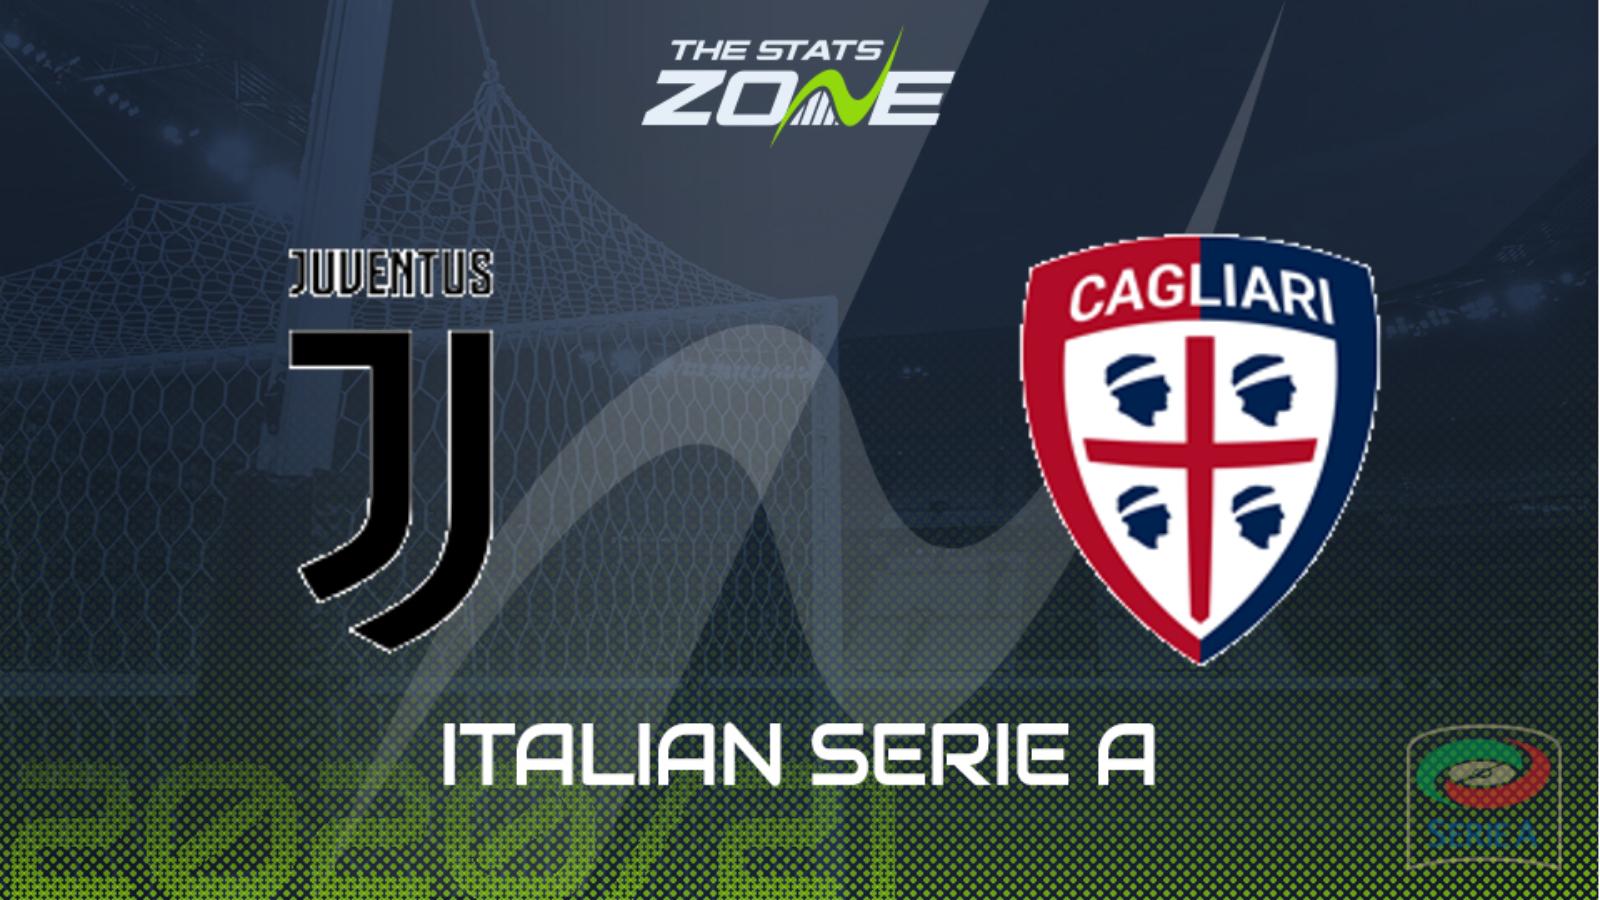 Juventus Vs Cagliari : Juventus Vs Cagliari Serie A Live ...